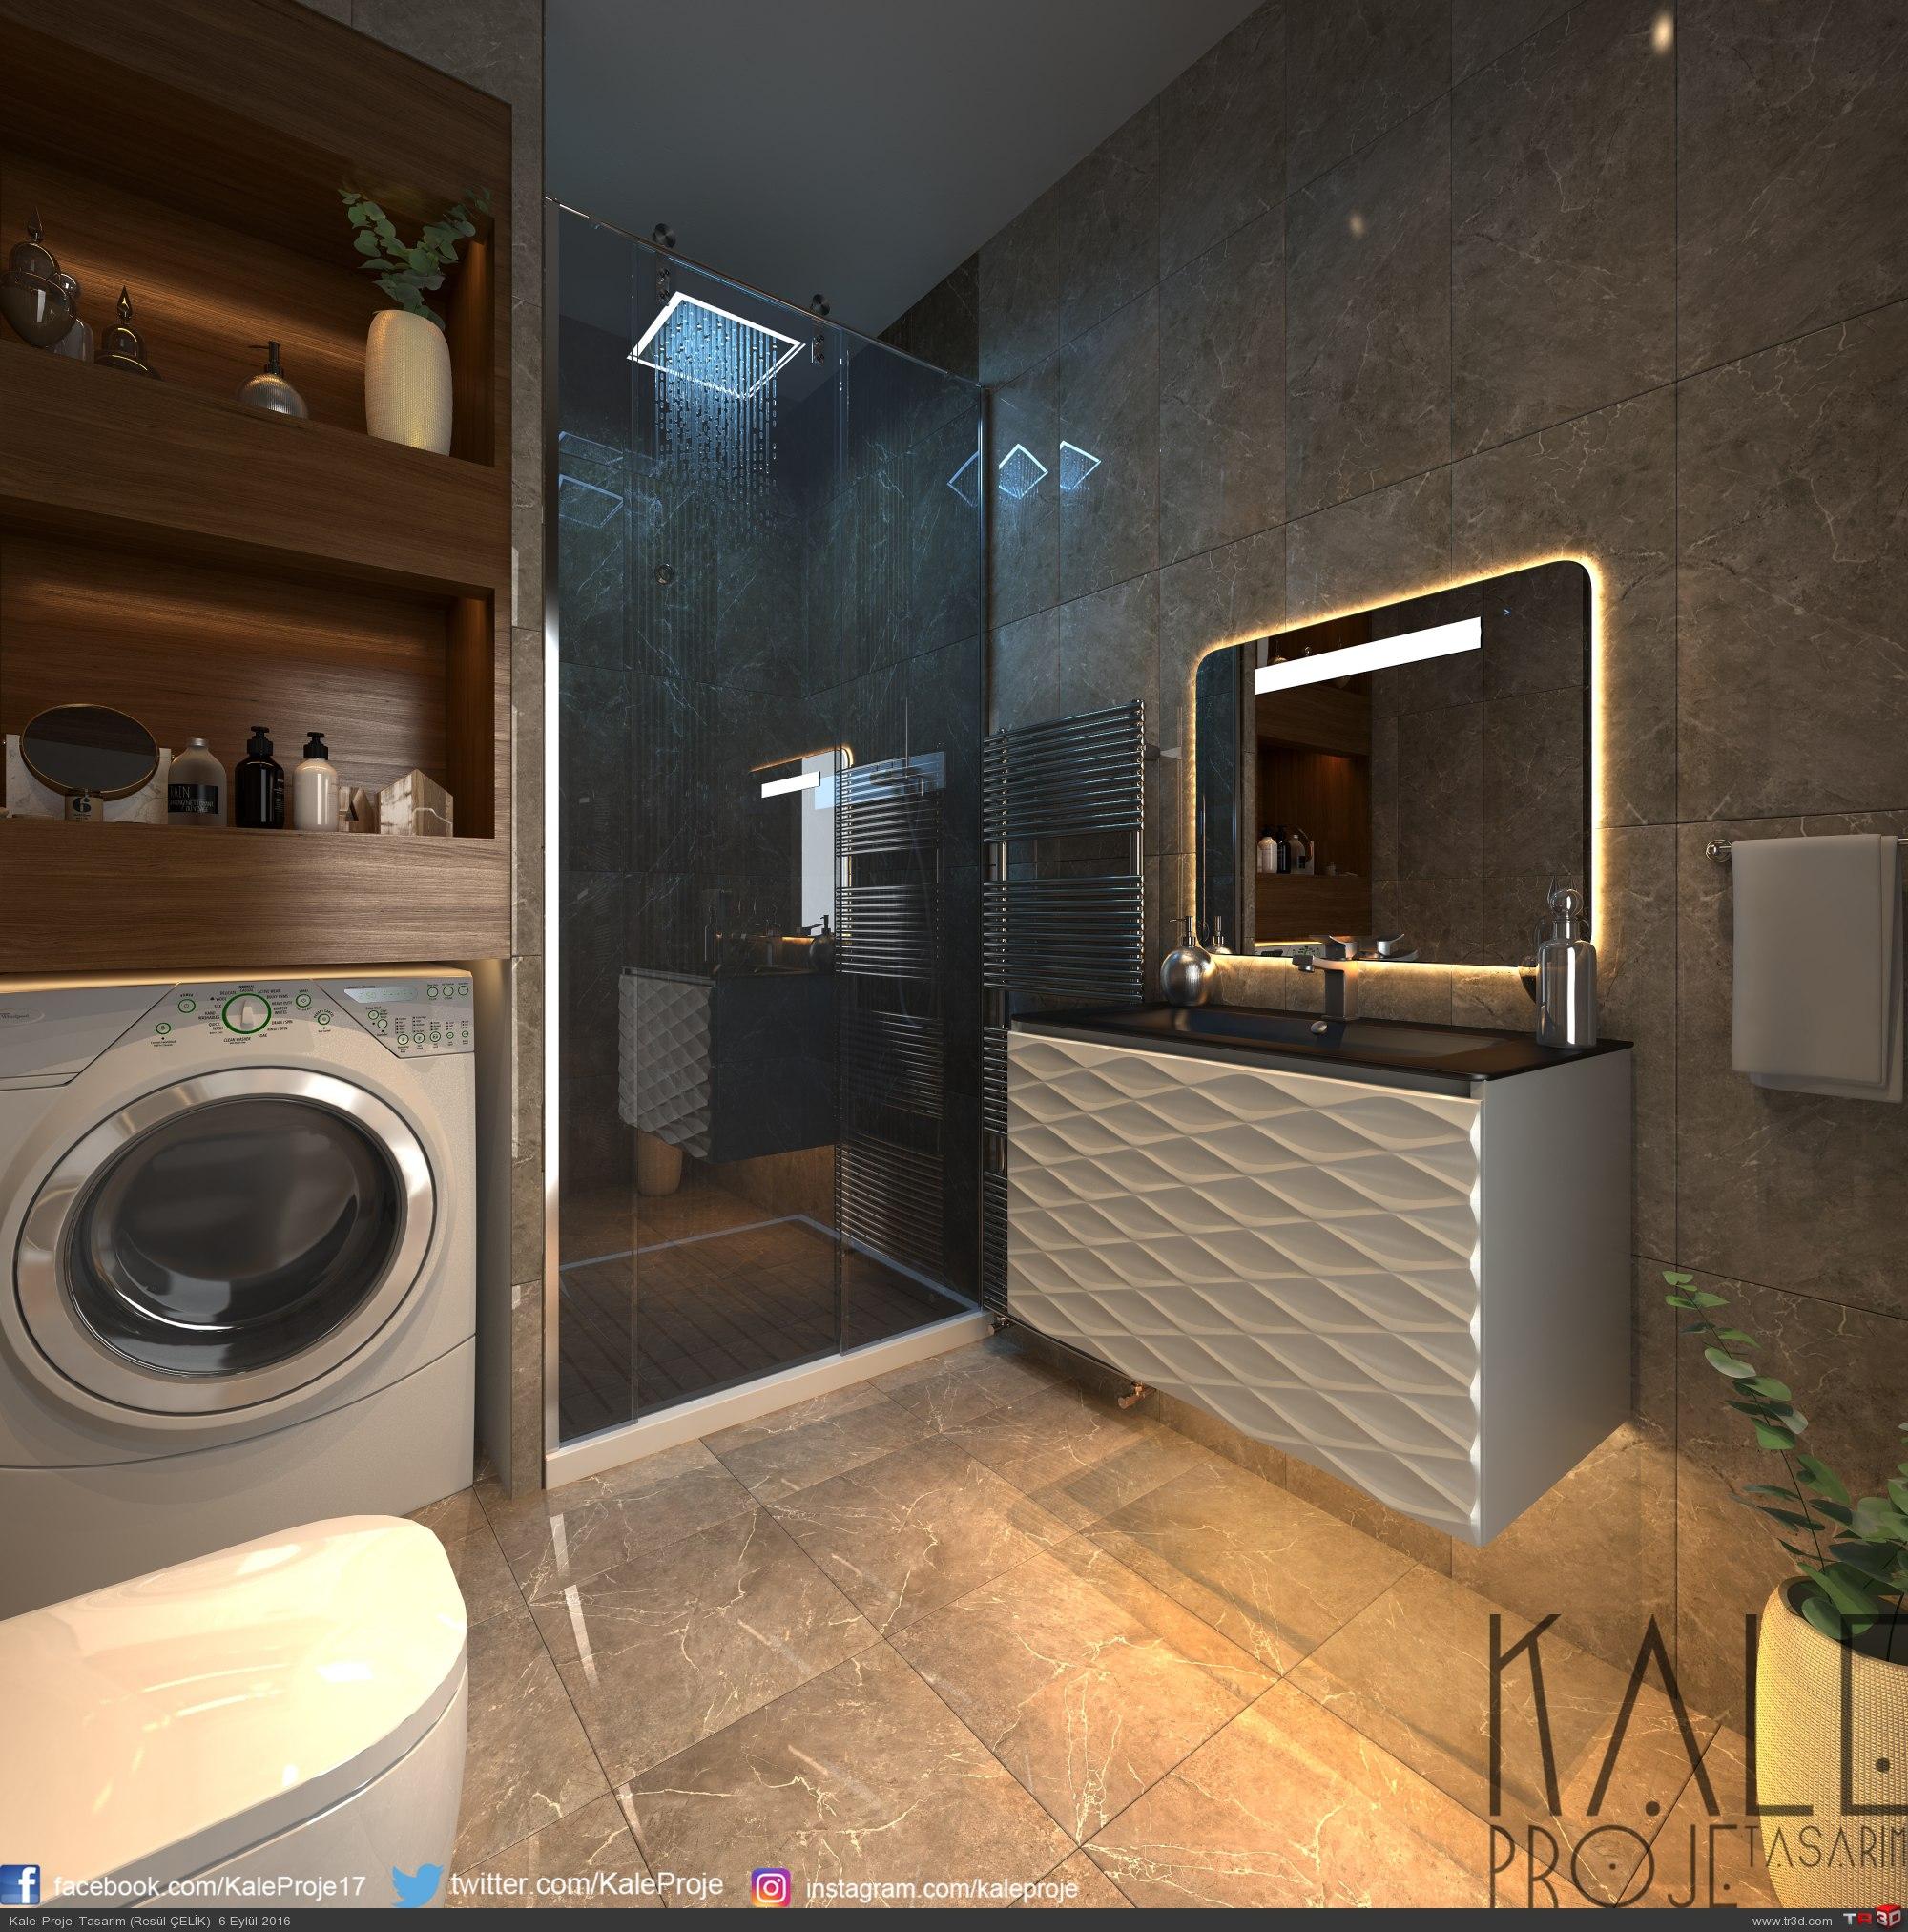 Çanakkale-2016 Banyo tasarım + render.